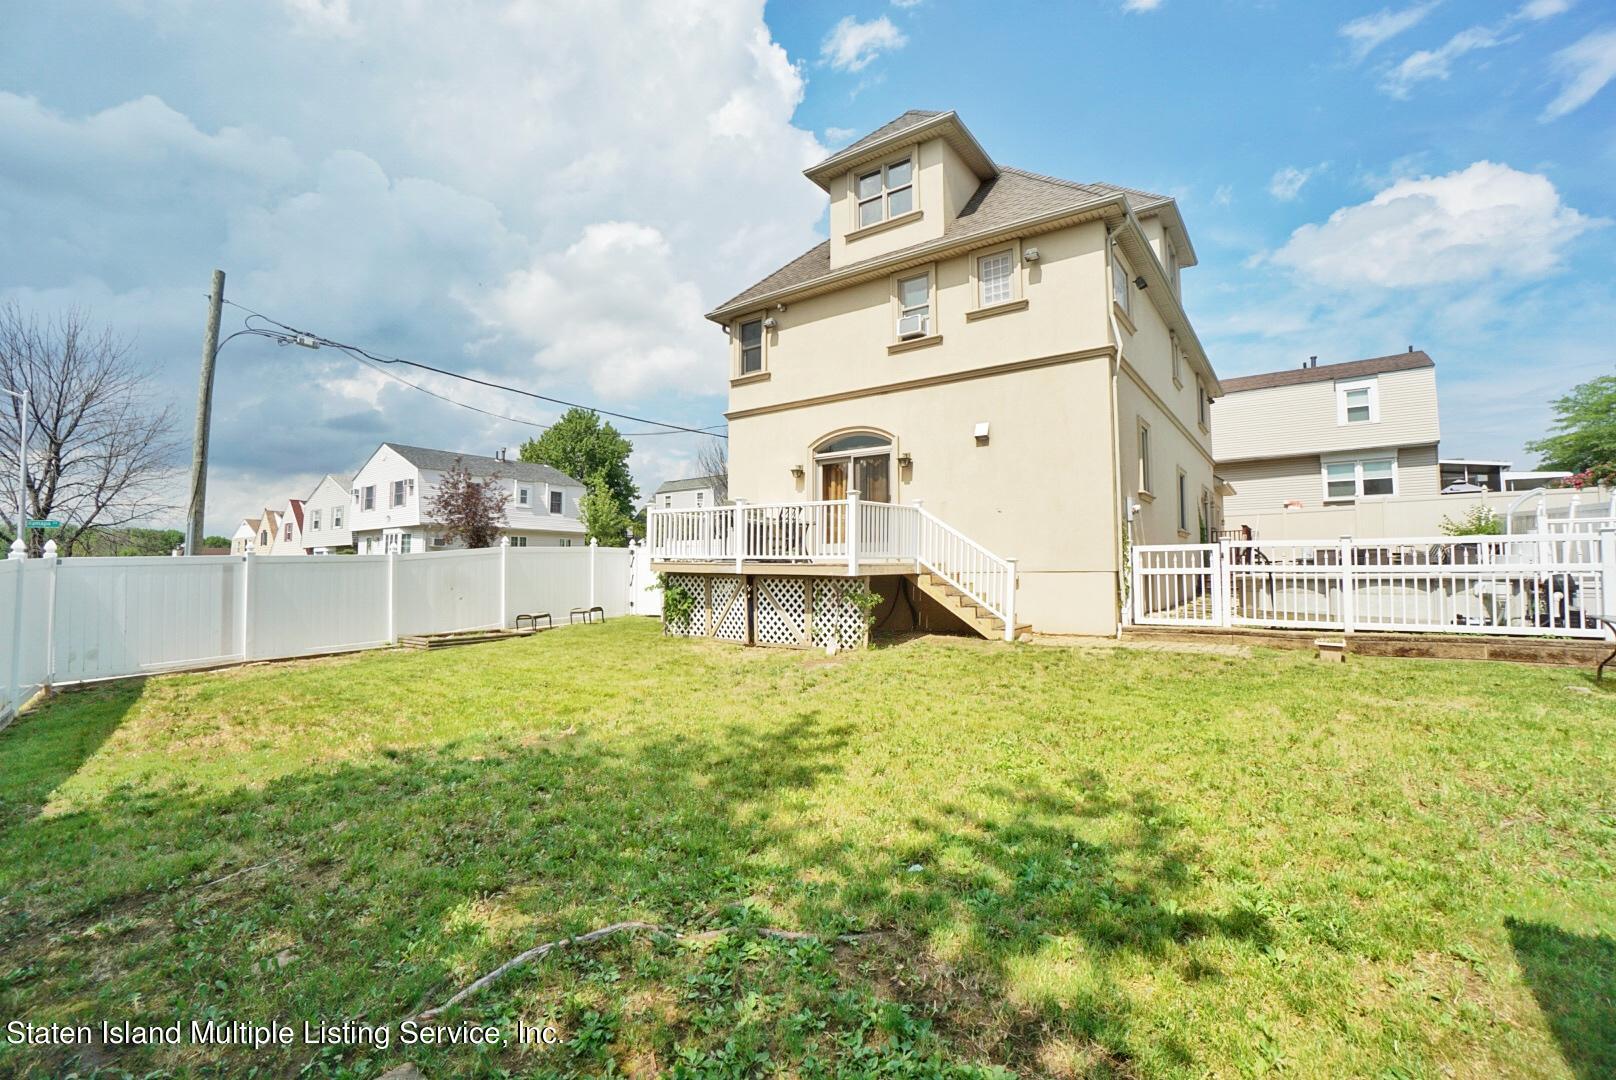 Single Family - Detached 206 Ramapo Avenue  Staten Island, NY 10309, MLS-1147193-40